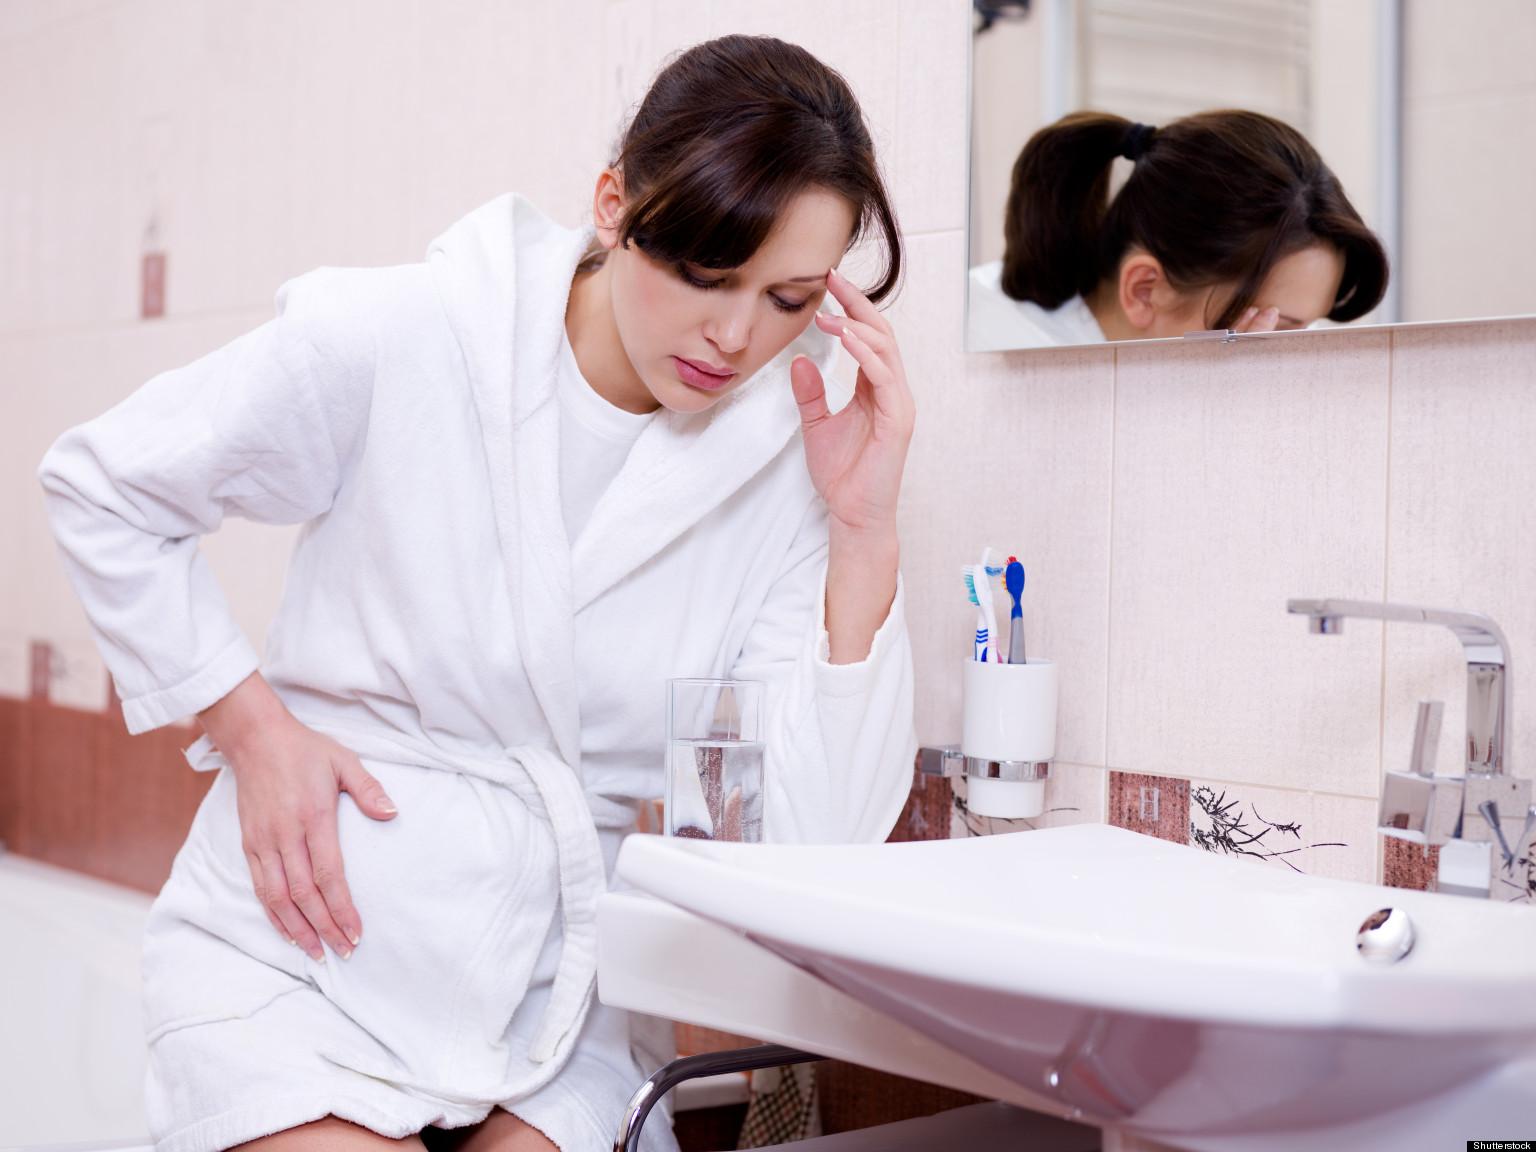 Devet ranih znakova trudnoće prije propuštene menstruacije